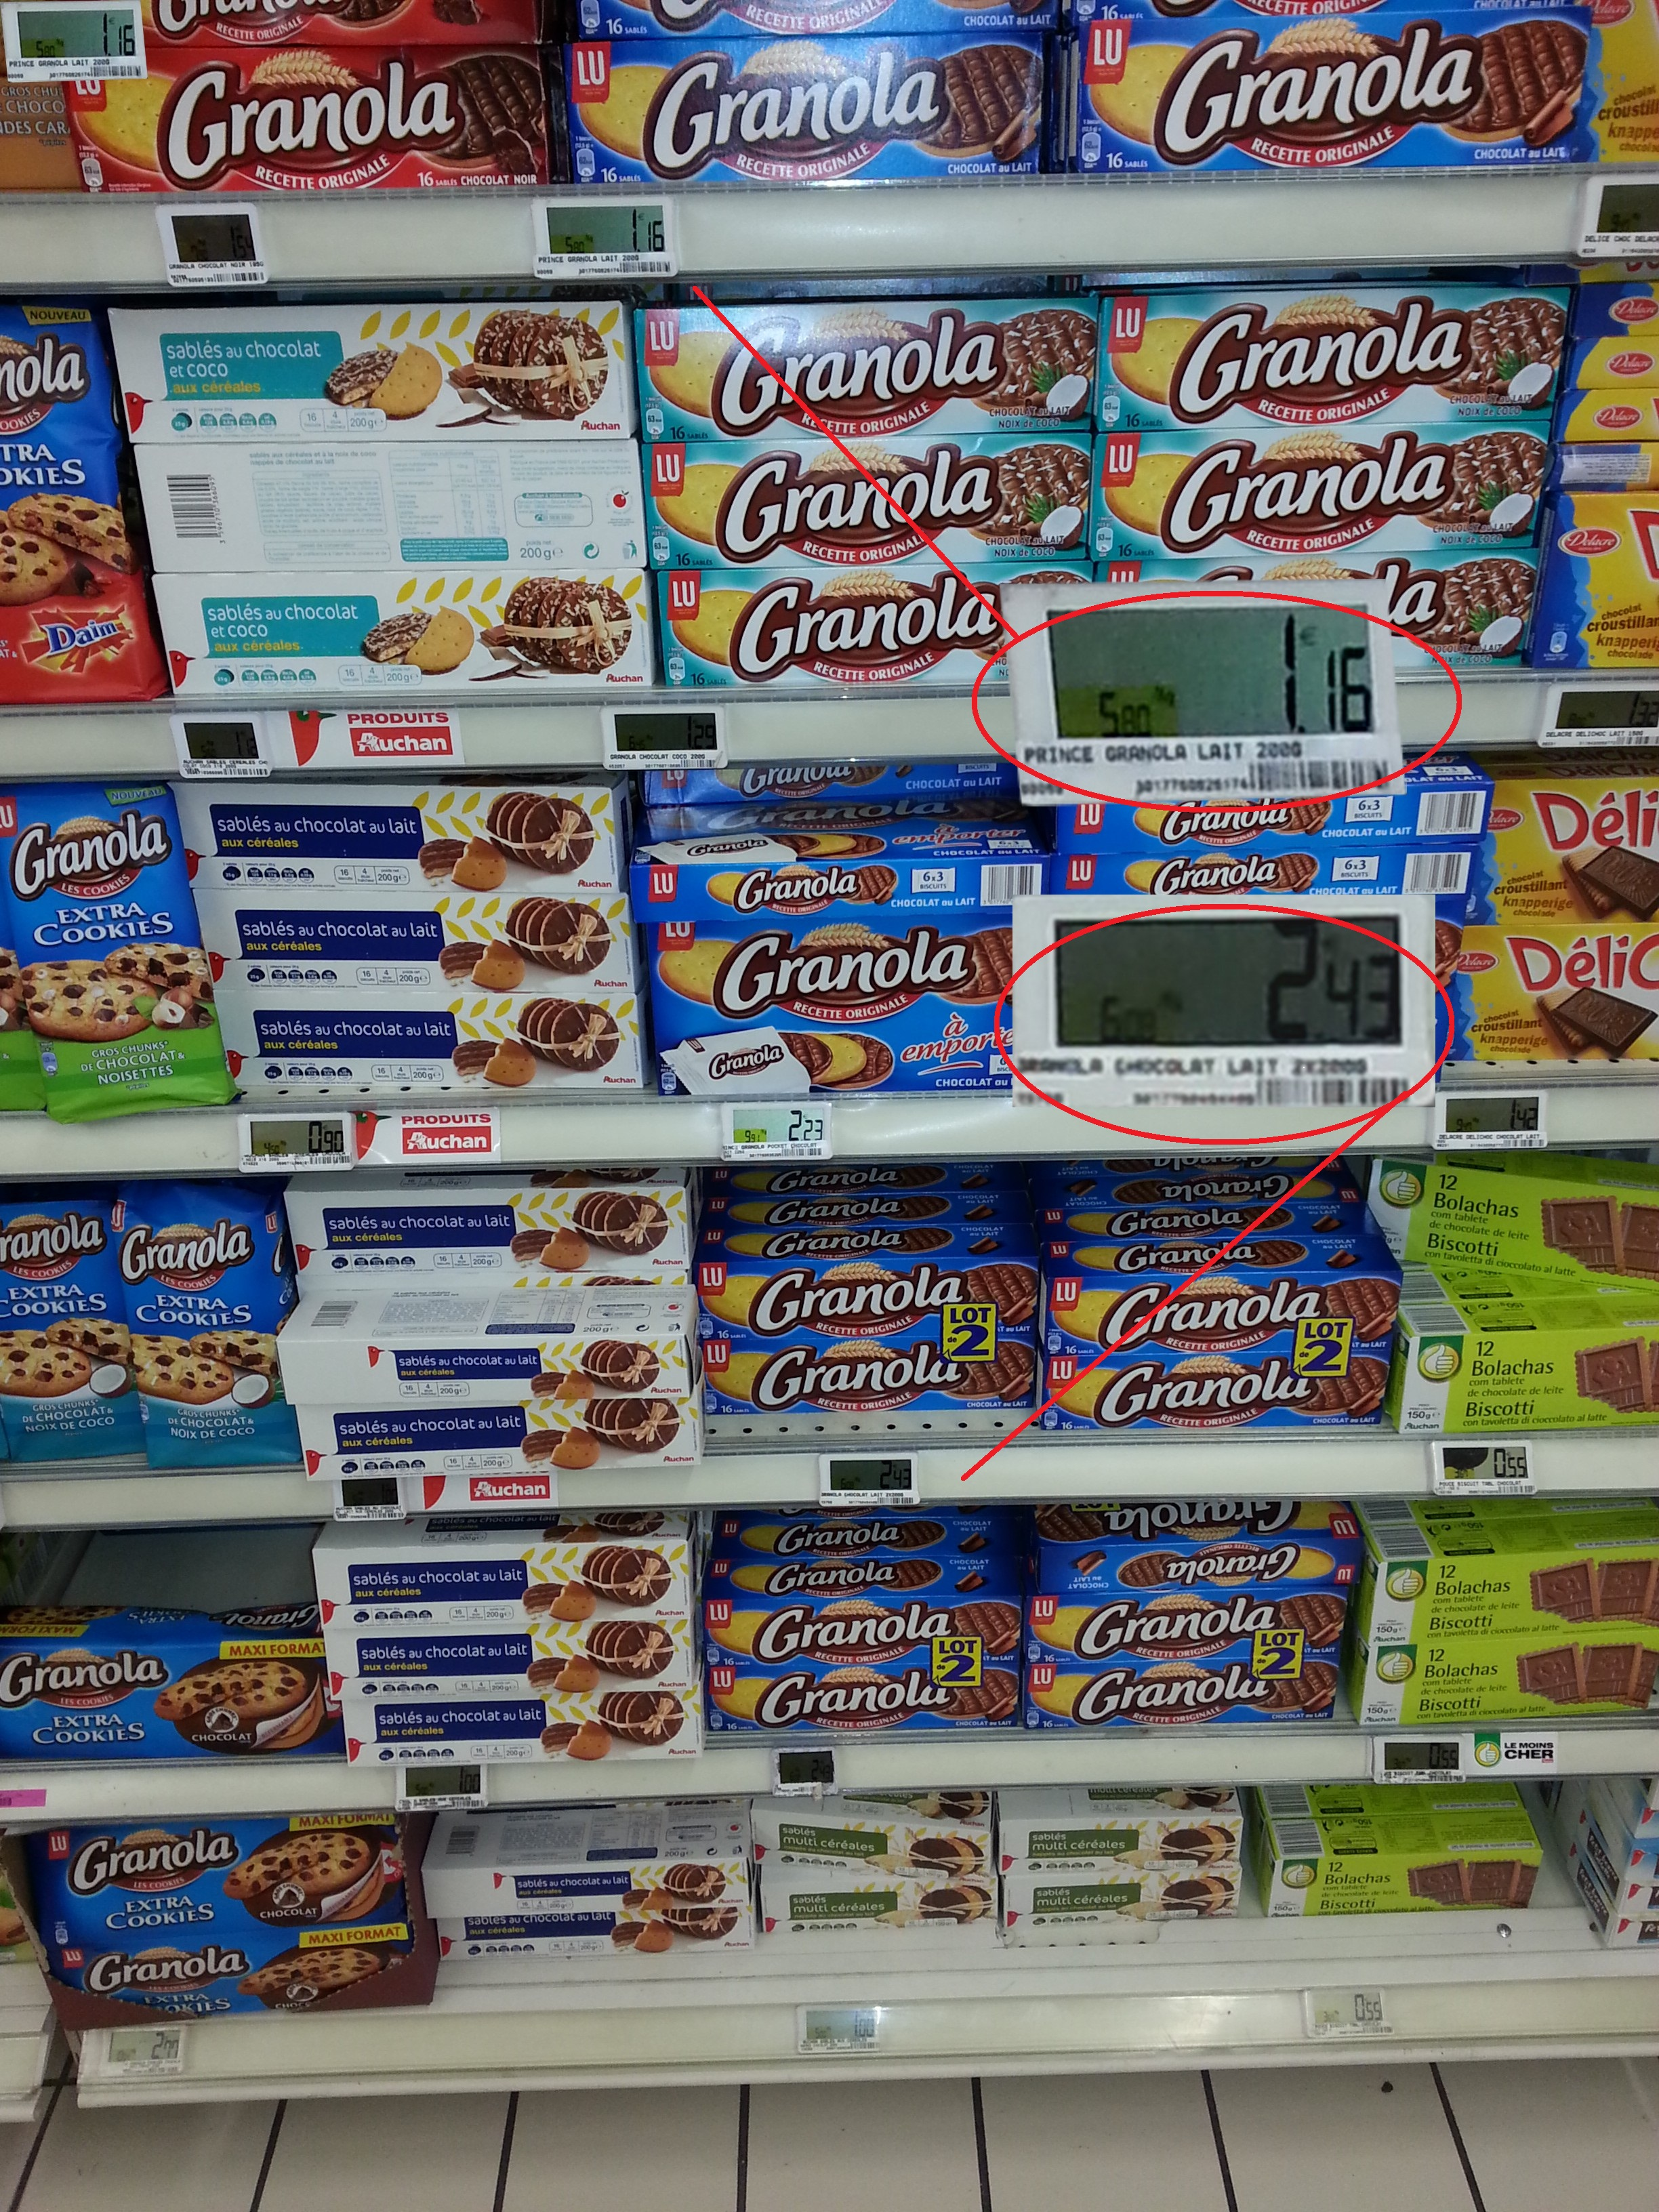 granola-2-unites-1-moins-cher-que-pack-2